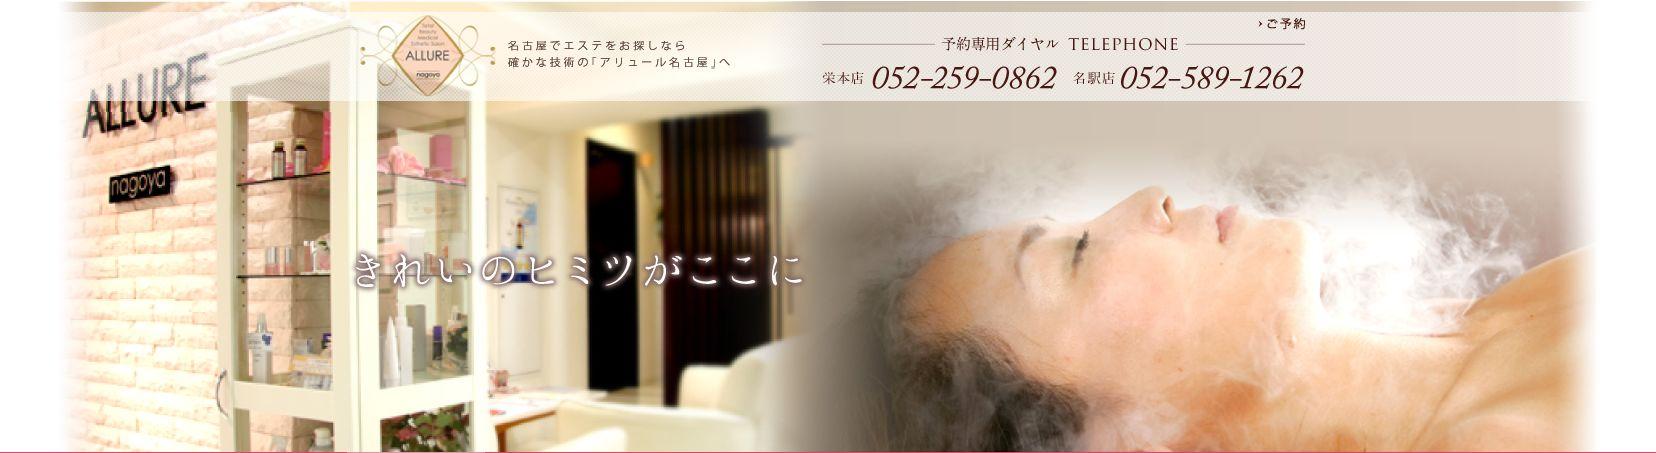 アリュール名古屋のメインビジュアル画像